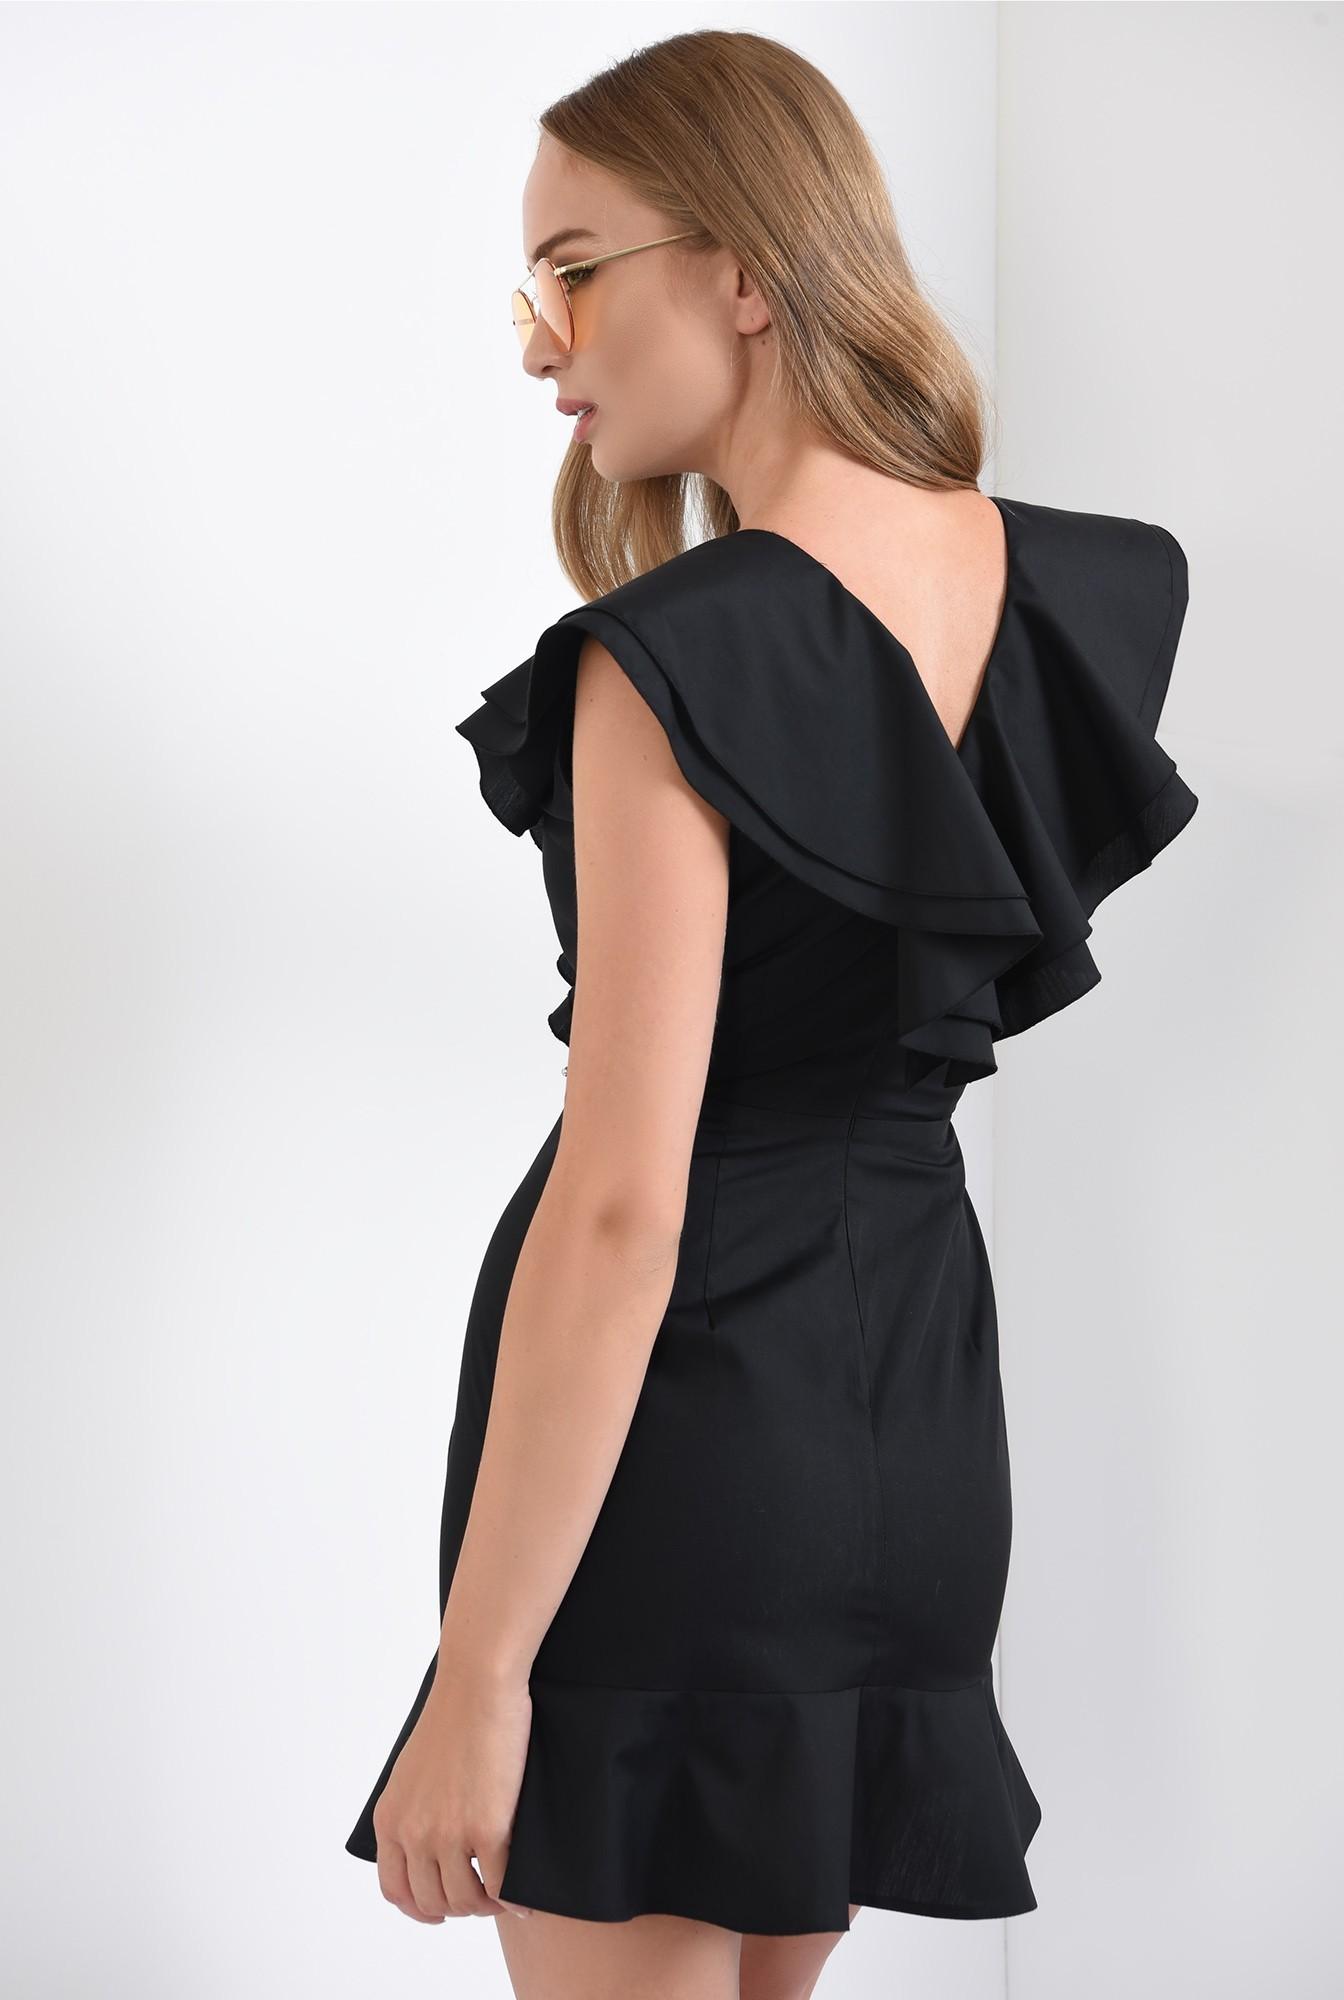 1 -  rochie mini, clos, cu volane, neagra, Poema